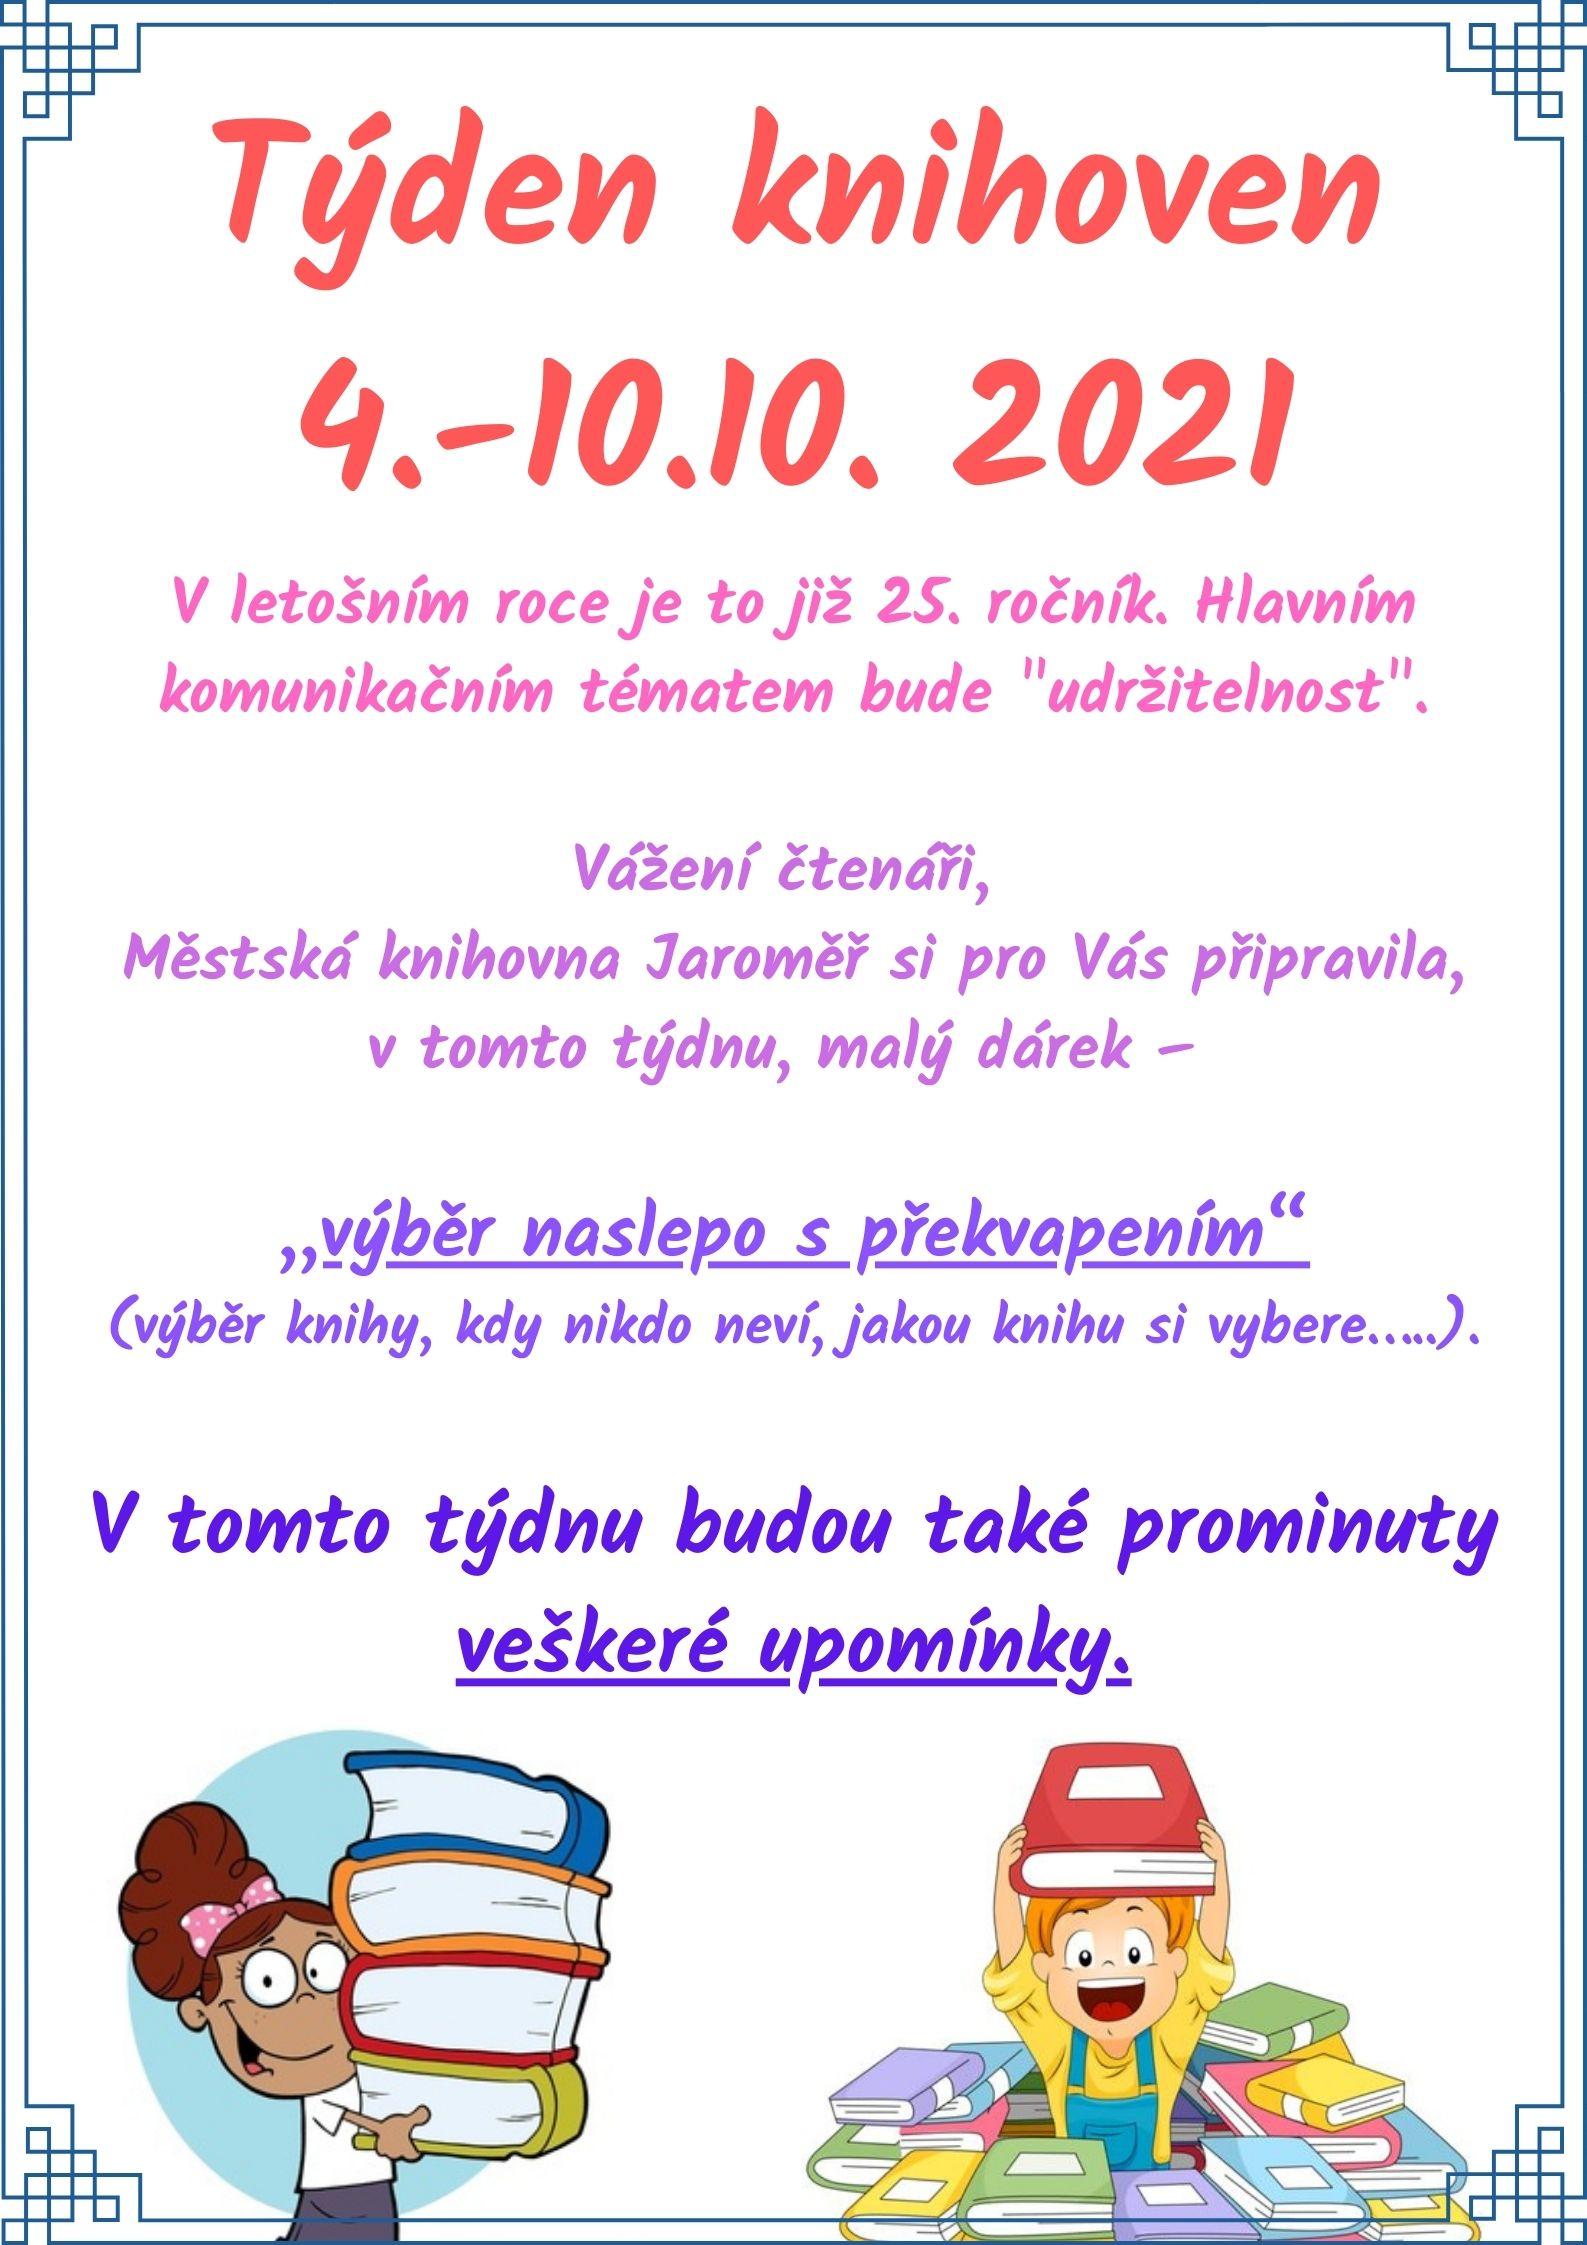 Týden knihoven – 4.-10.10. 2021